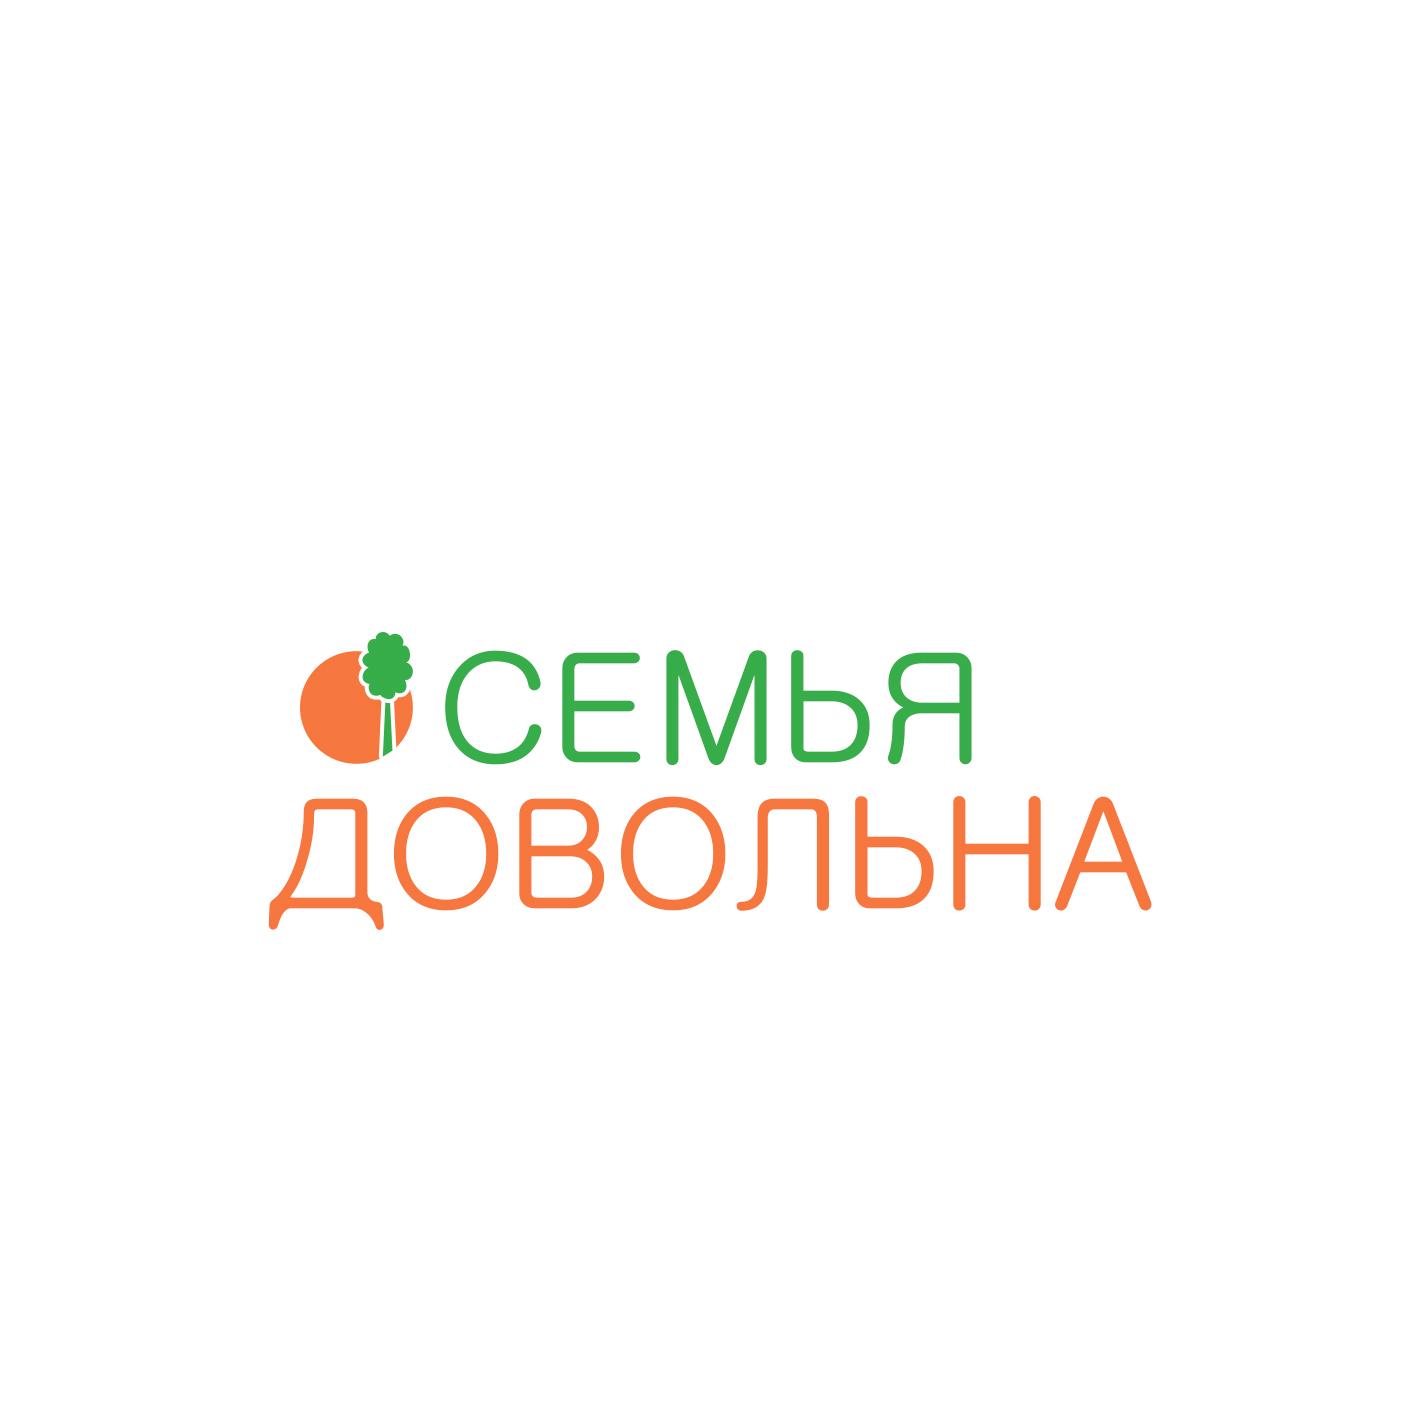 """Разработайте логотип для торговой марки """"Семья довольна"""" фото f_6565b9a7738a51f4.jpg"""